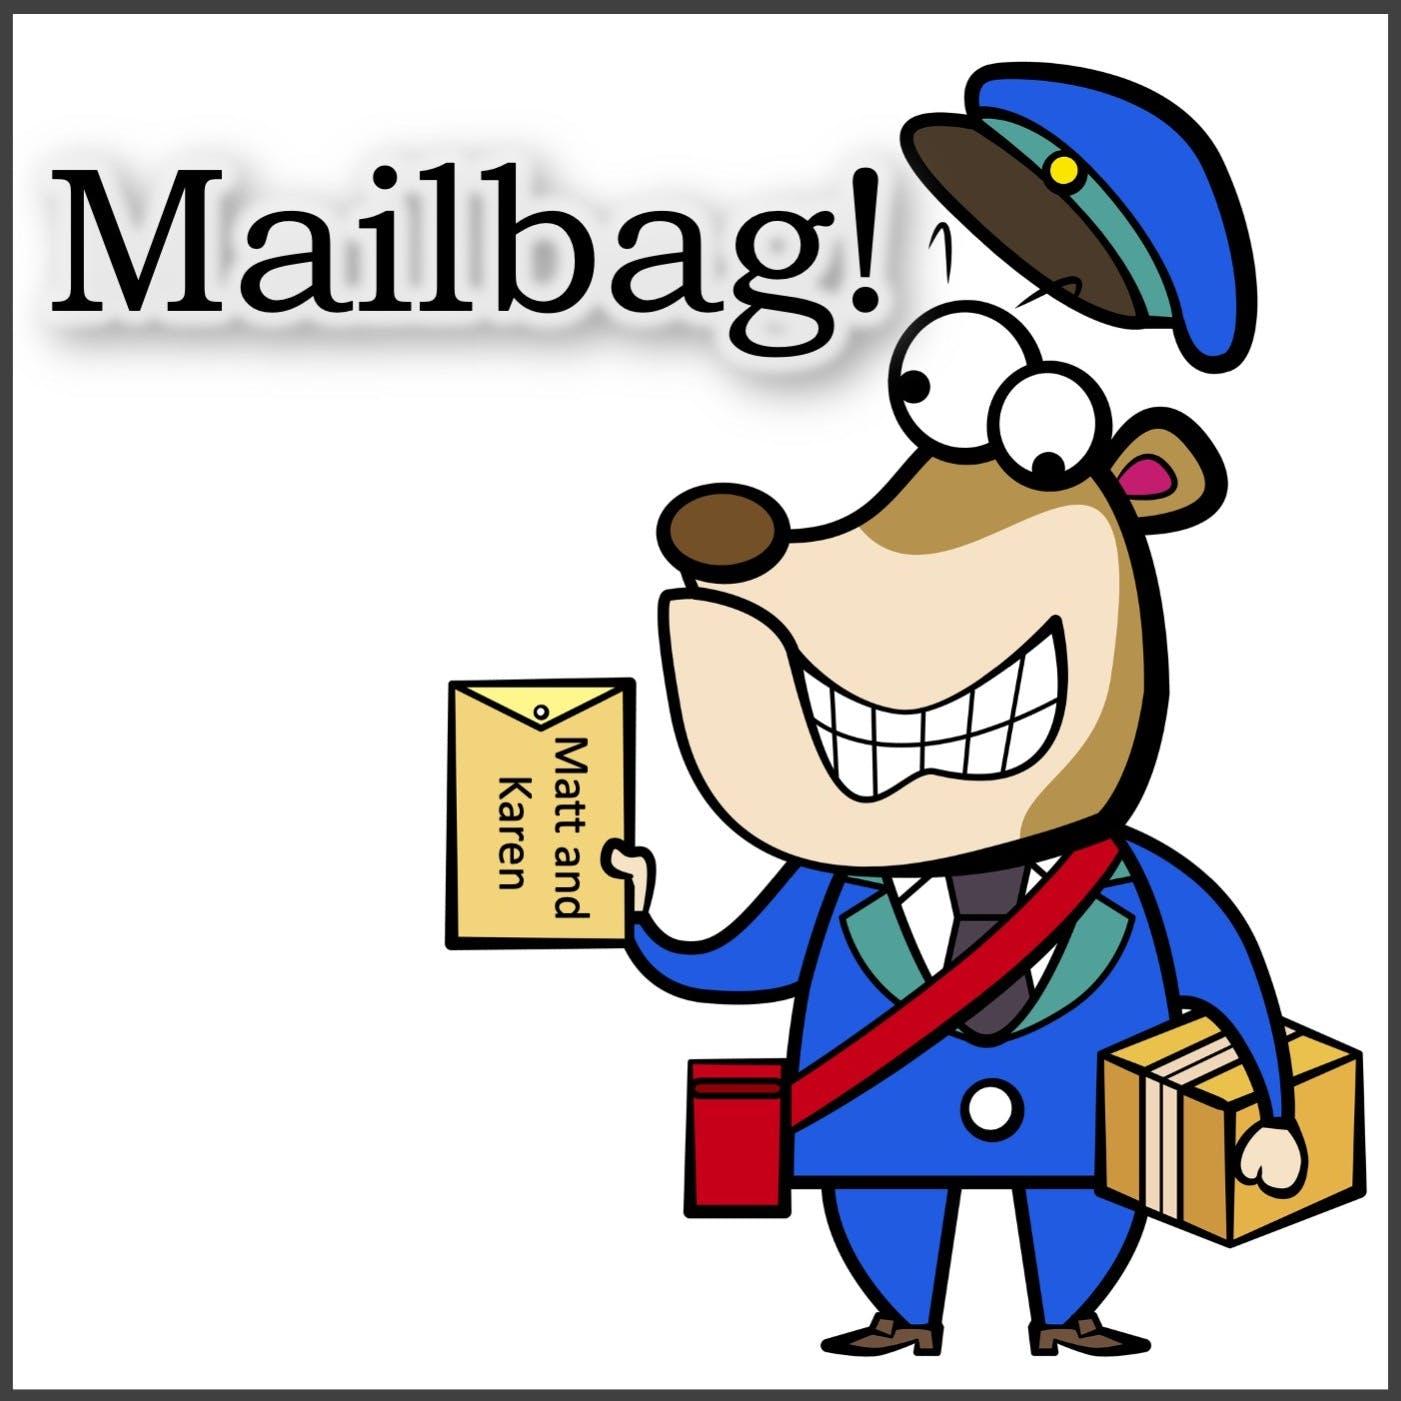 39 Mailbag!